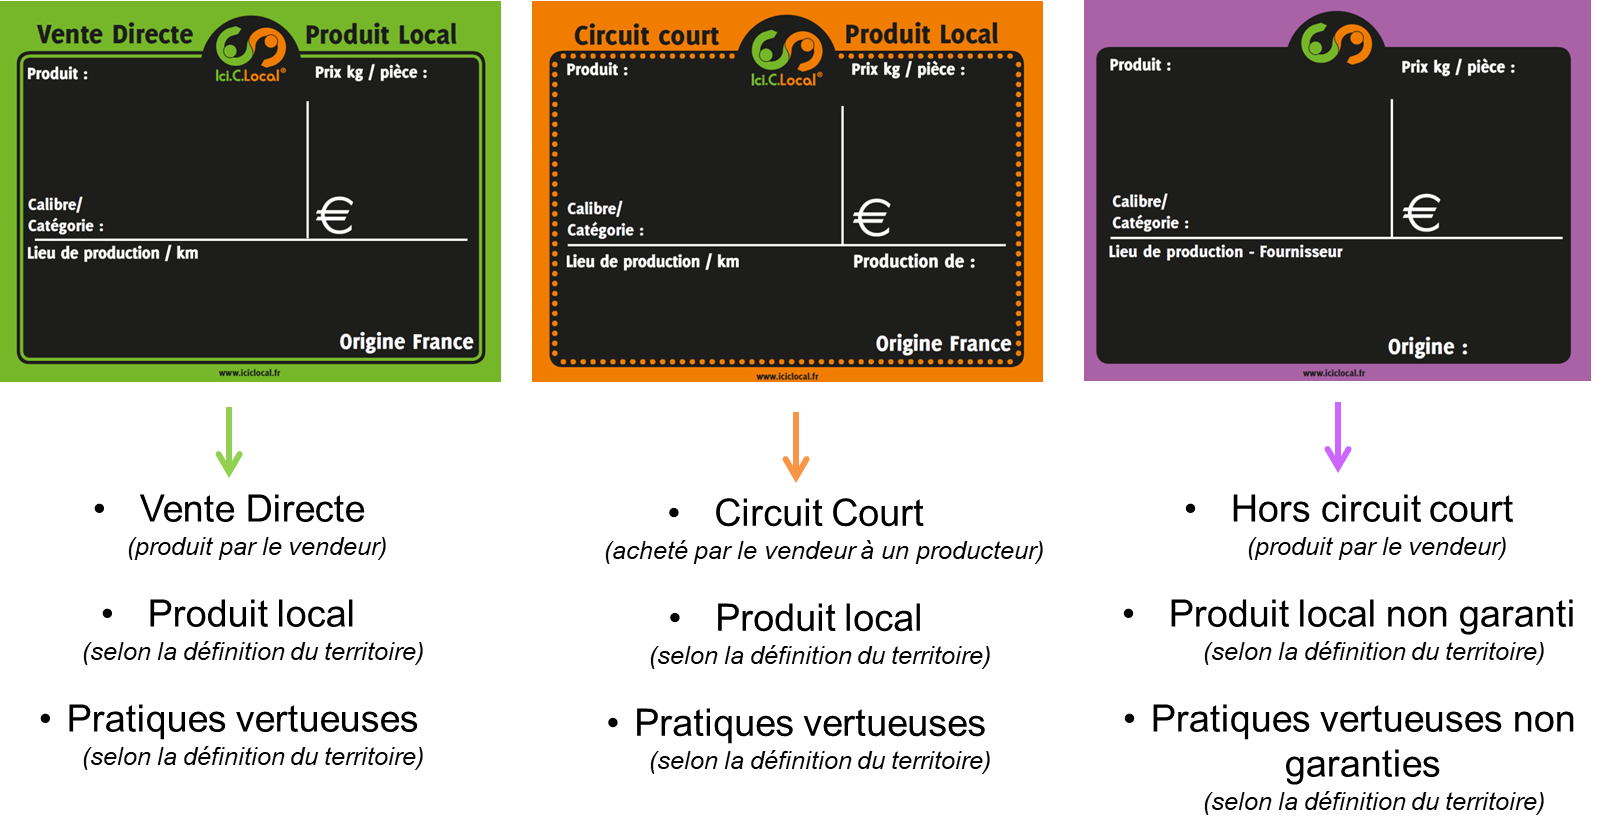 étiquettes_site